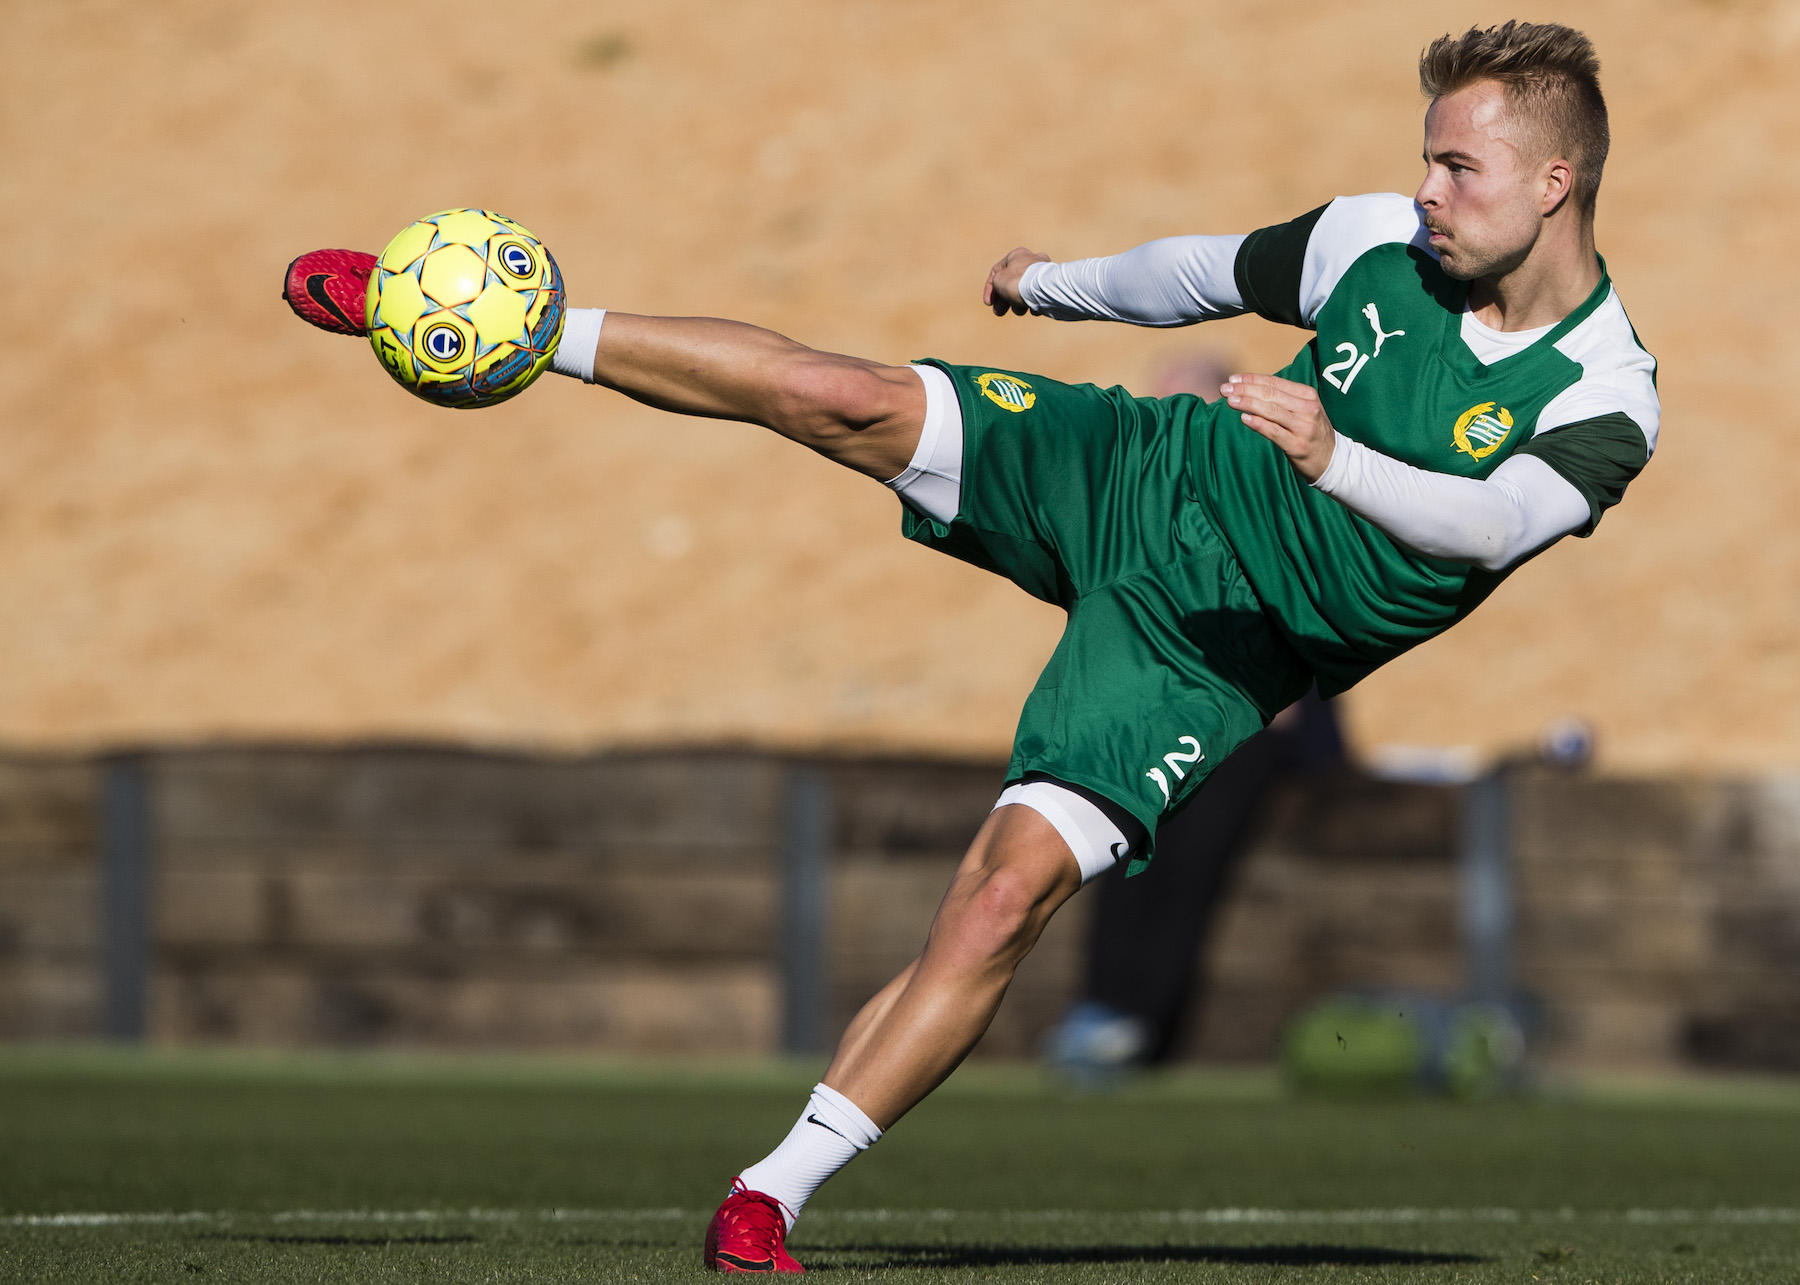 Fotboll, Allsvenskan, Hammarby, Träningsläger